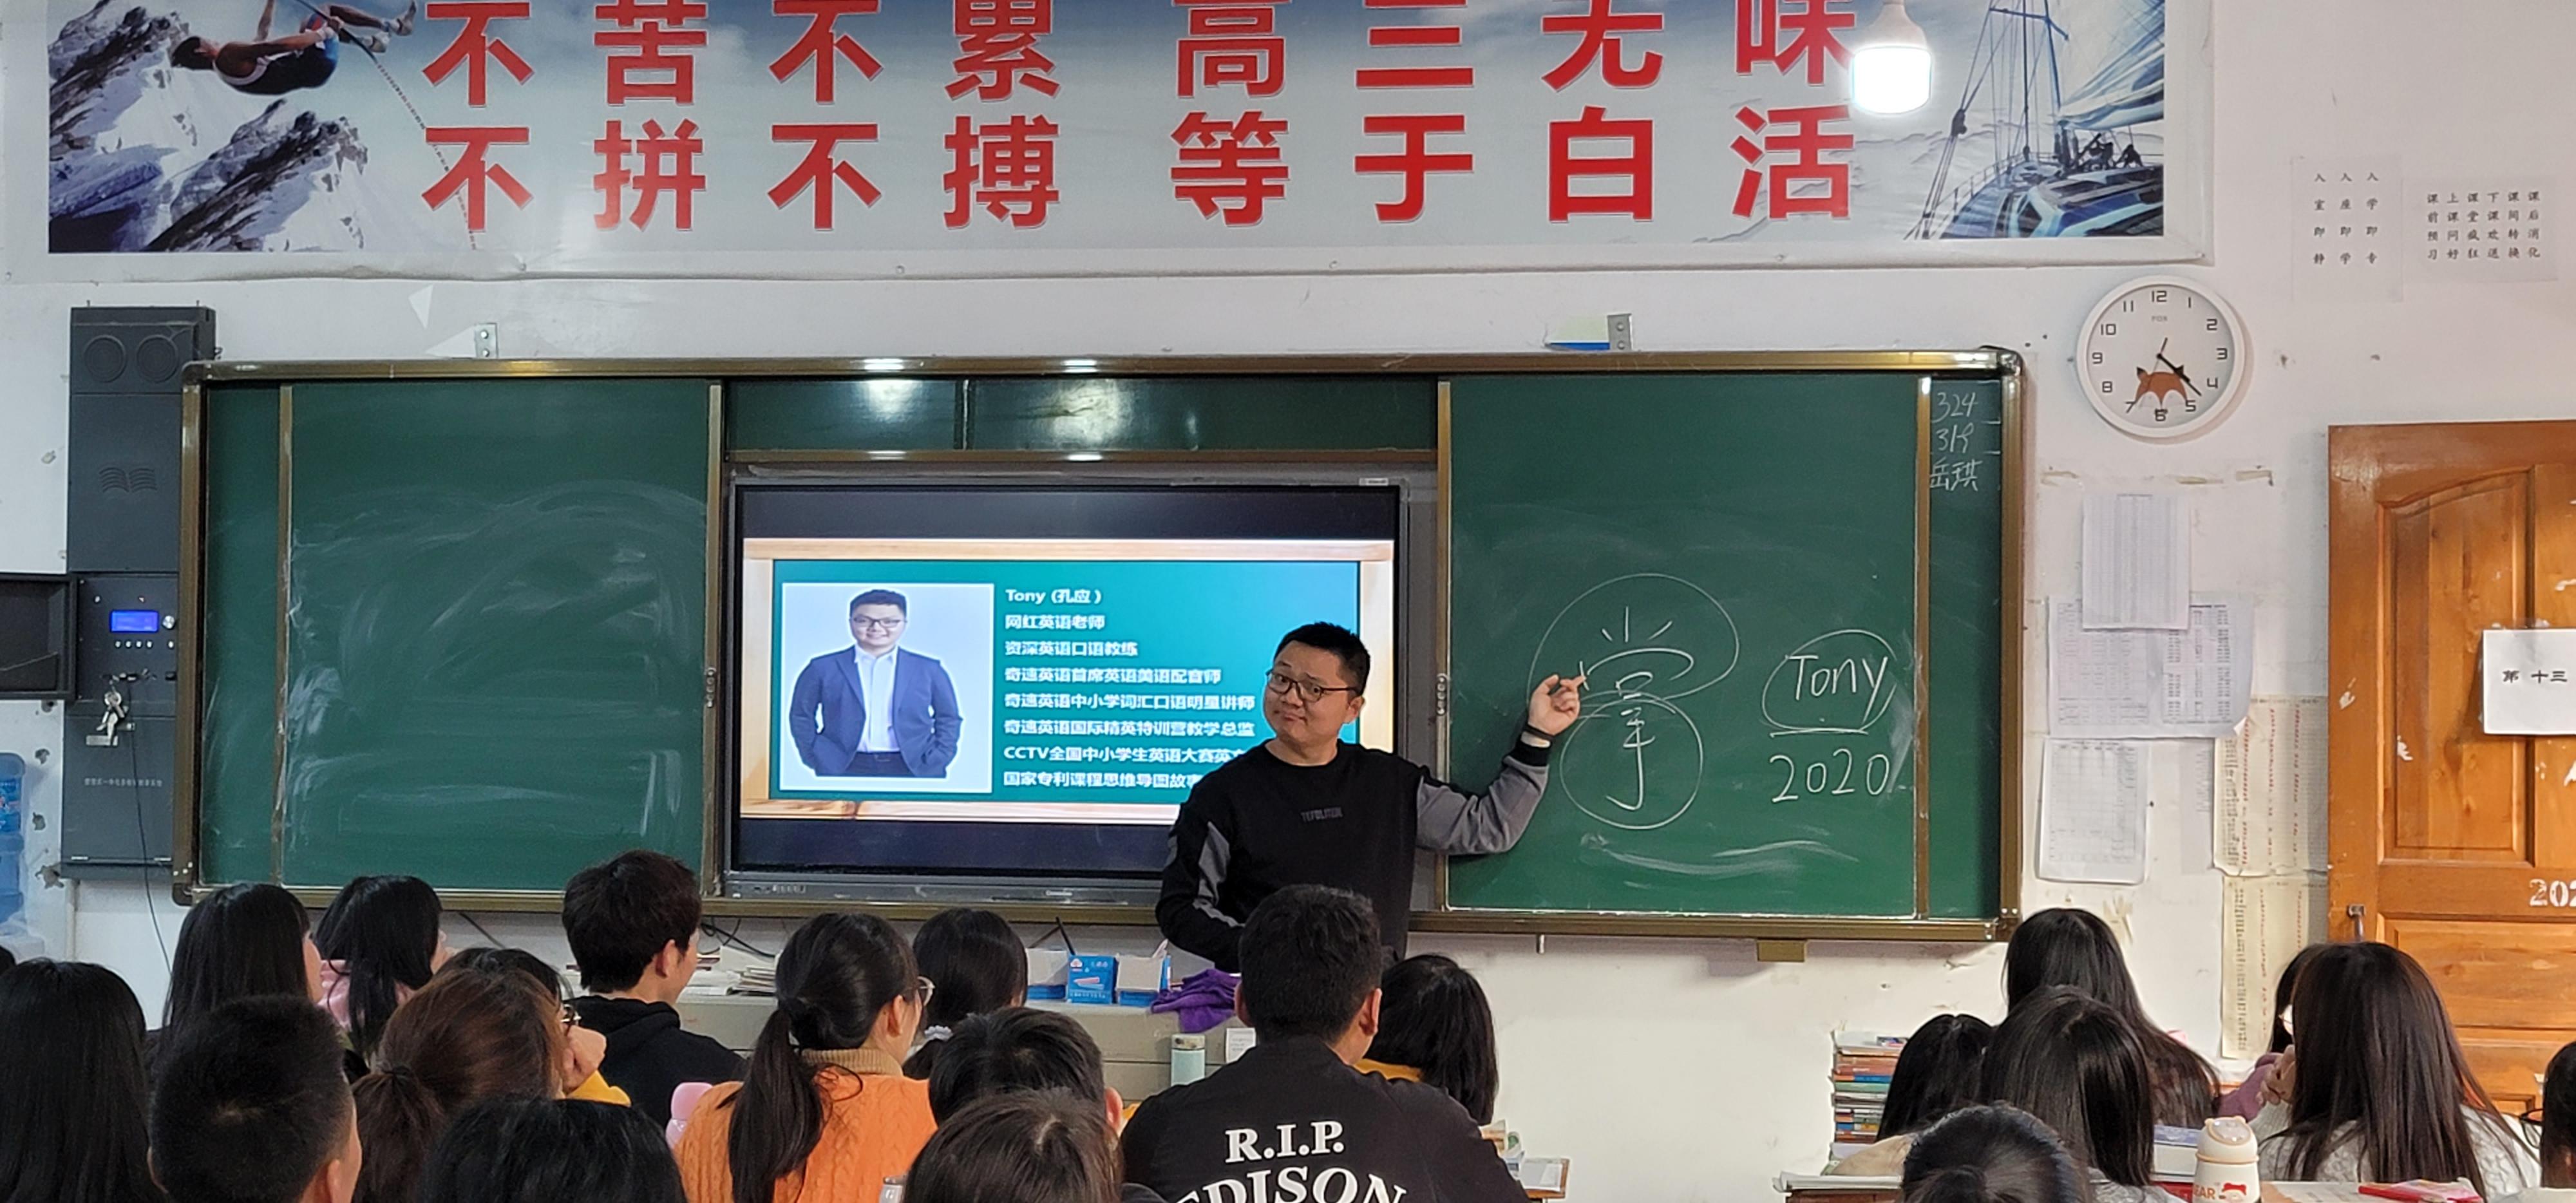 奇速英语走进四川省巴中南江小河职业中学开展英语高效学<font color=red>习</font>法讲座